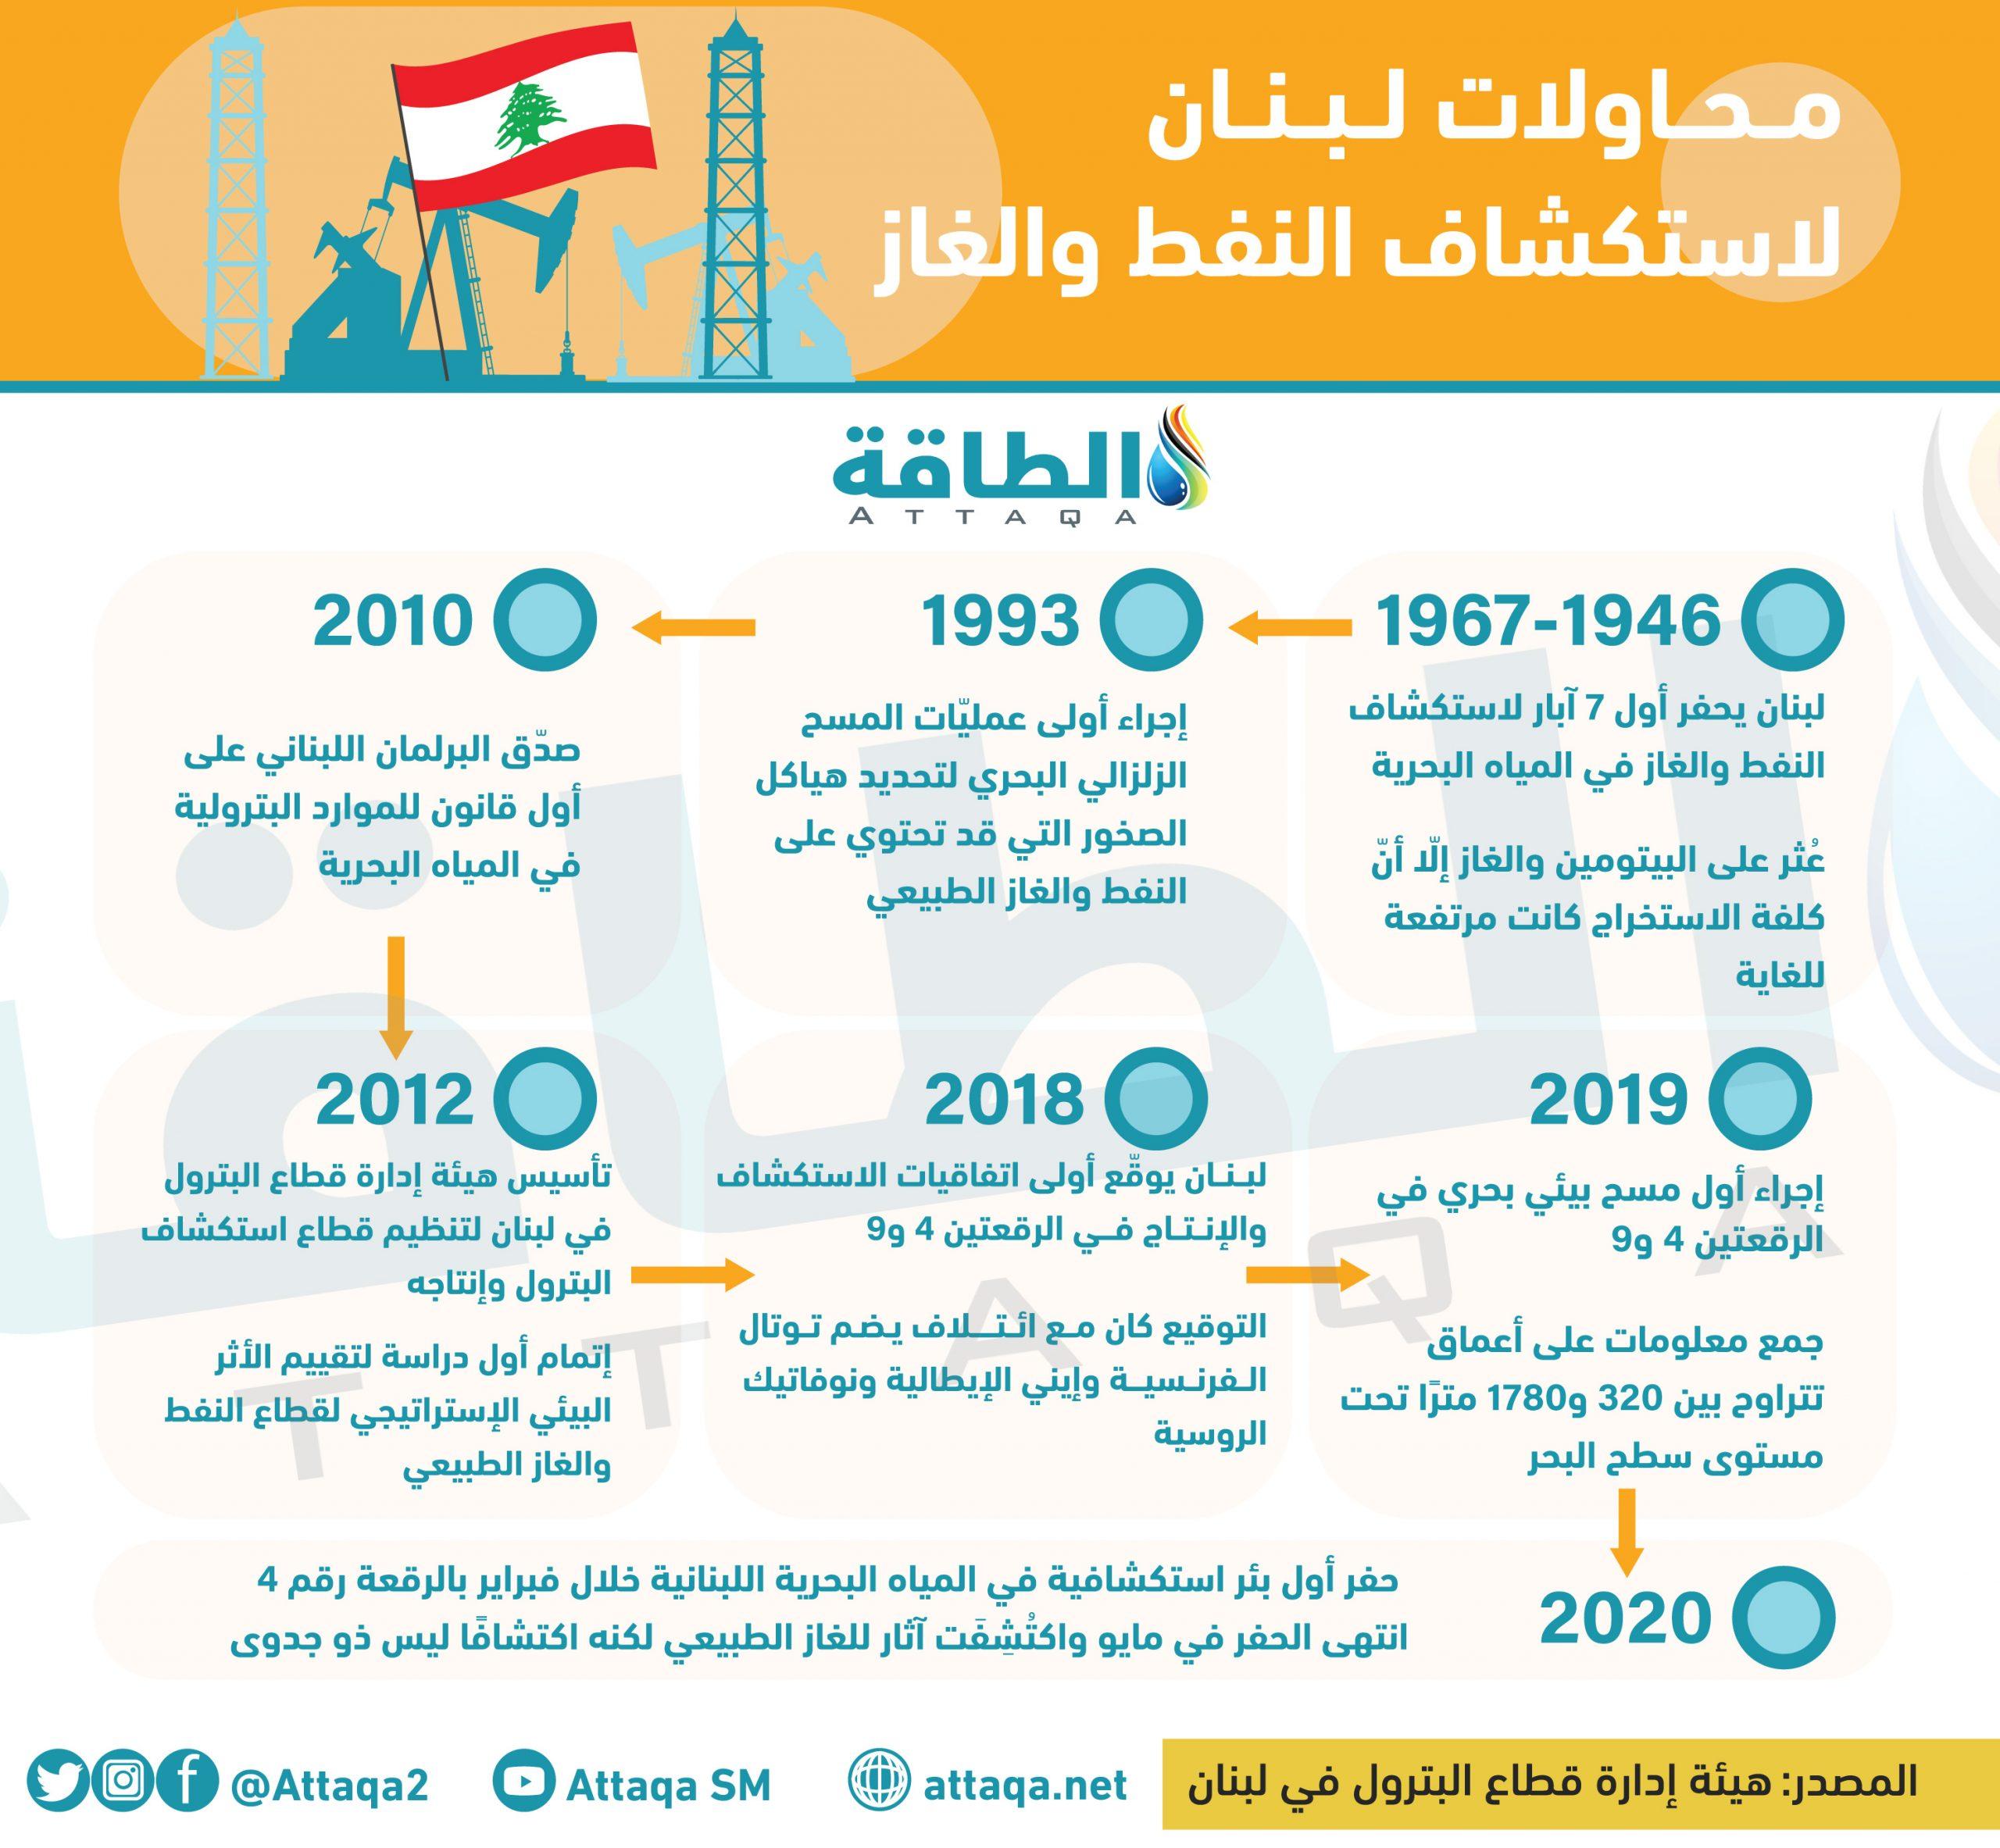 أزمة الوقود في لبنان - النفط والغاز